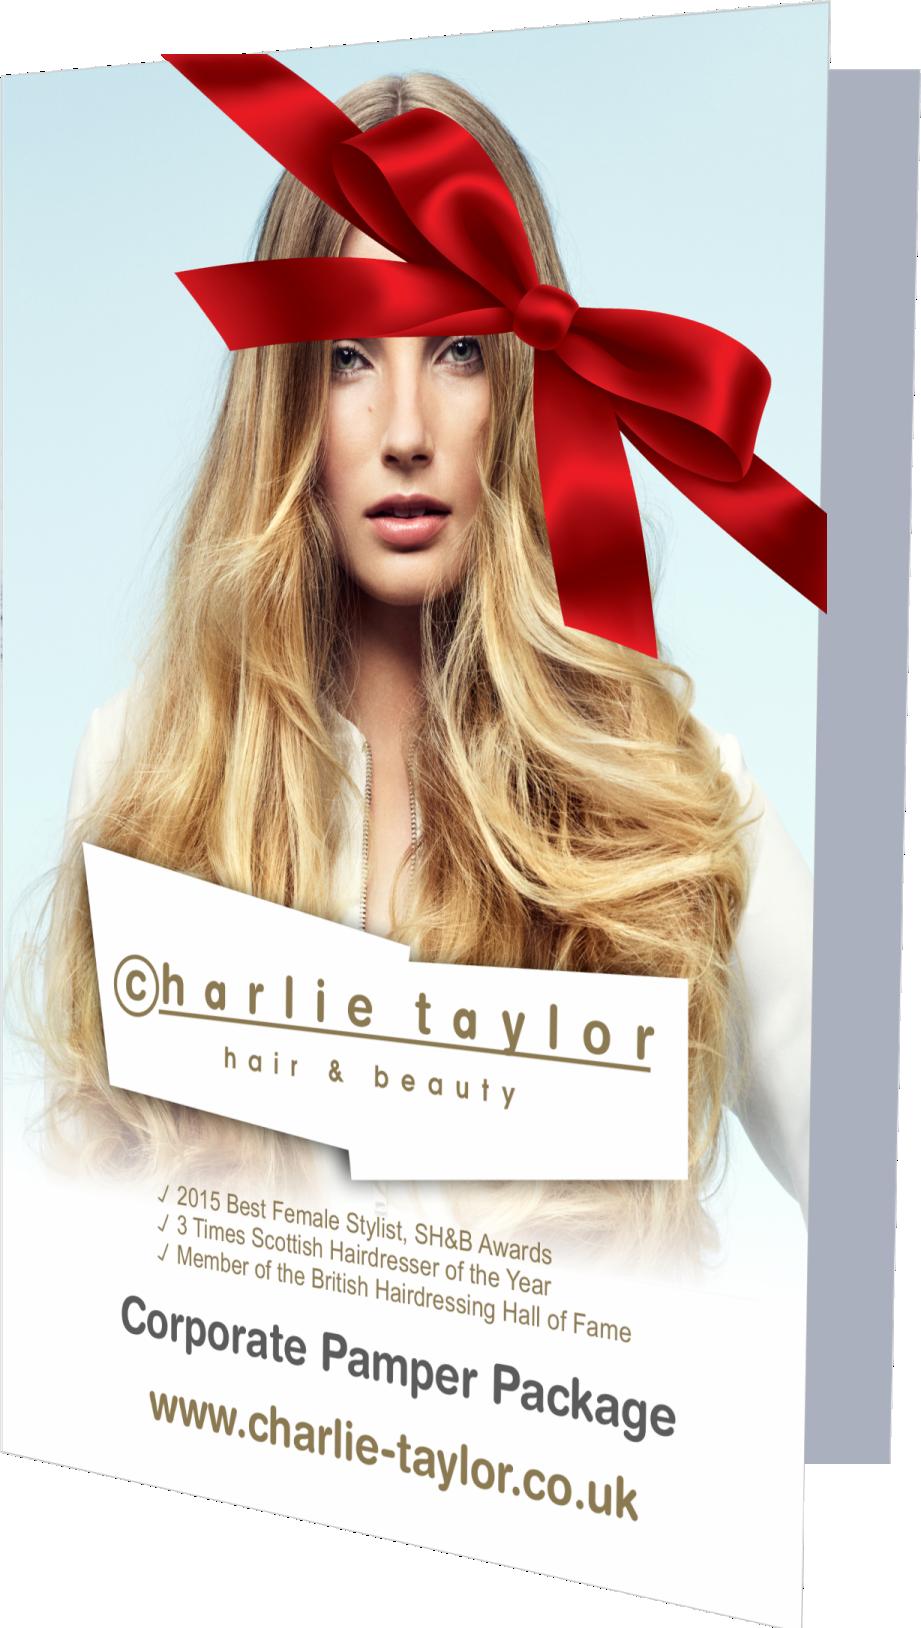 hairdresser offers Charlie Taylor